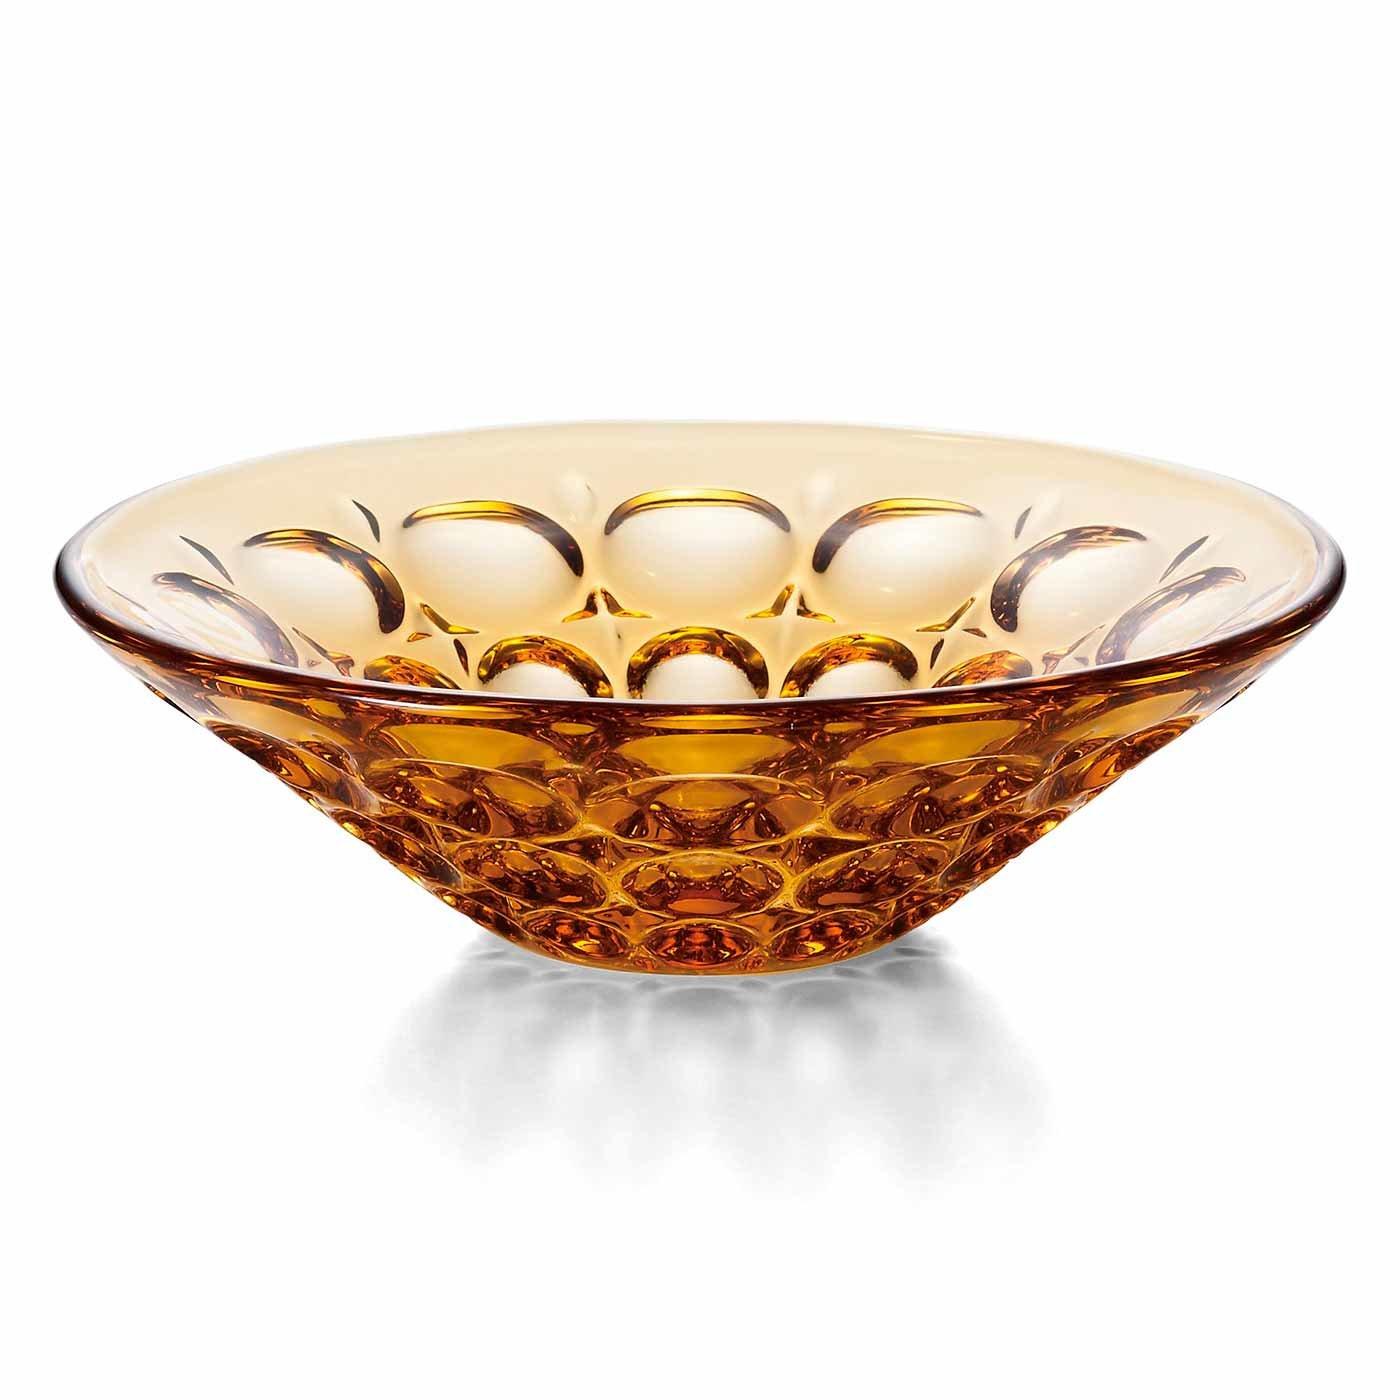 艶やかハンドメイドガラス 庄内craft デザート皿の会(6回予約)